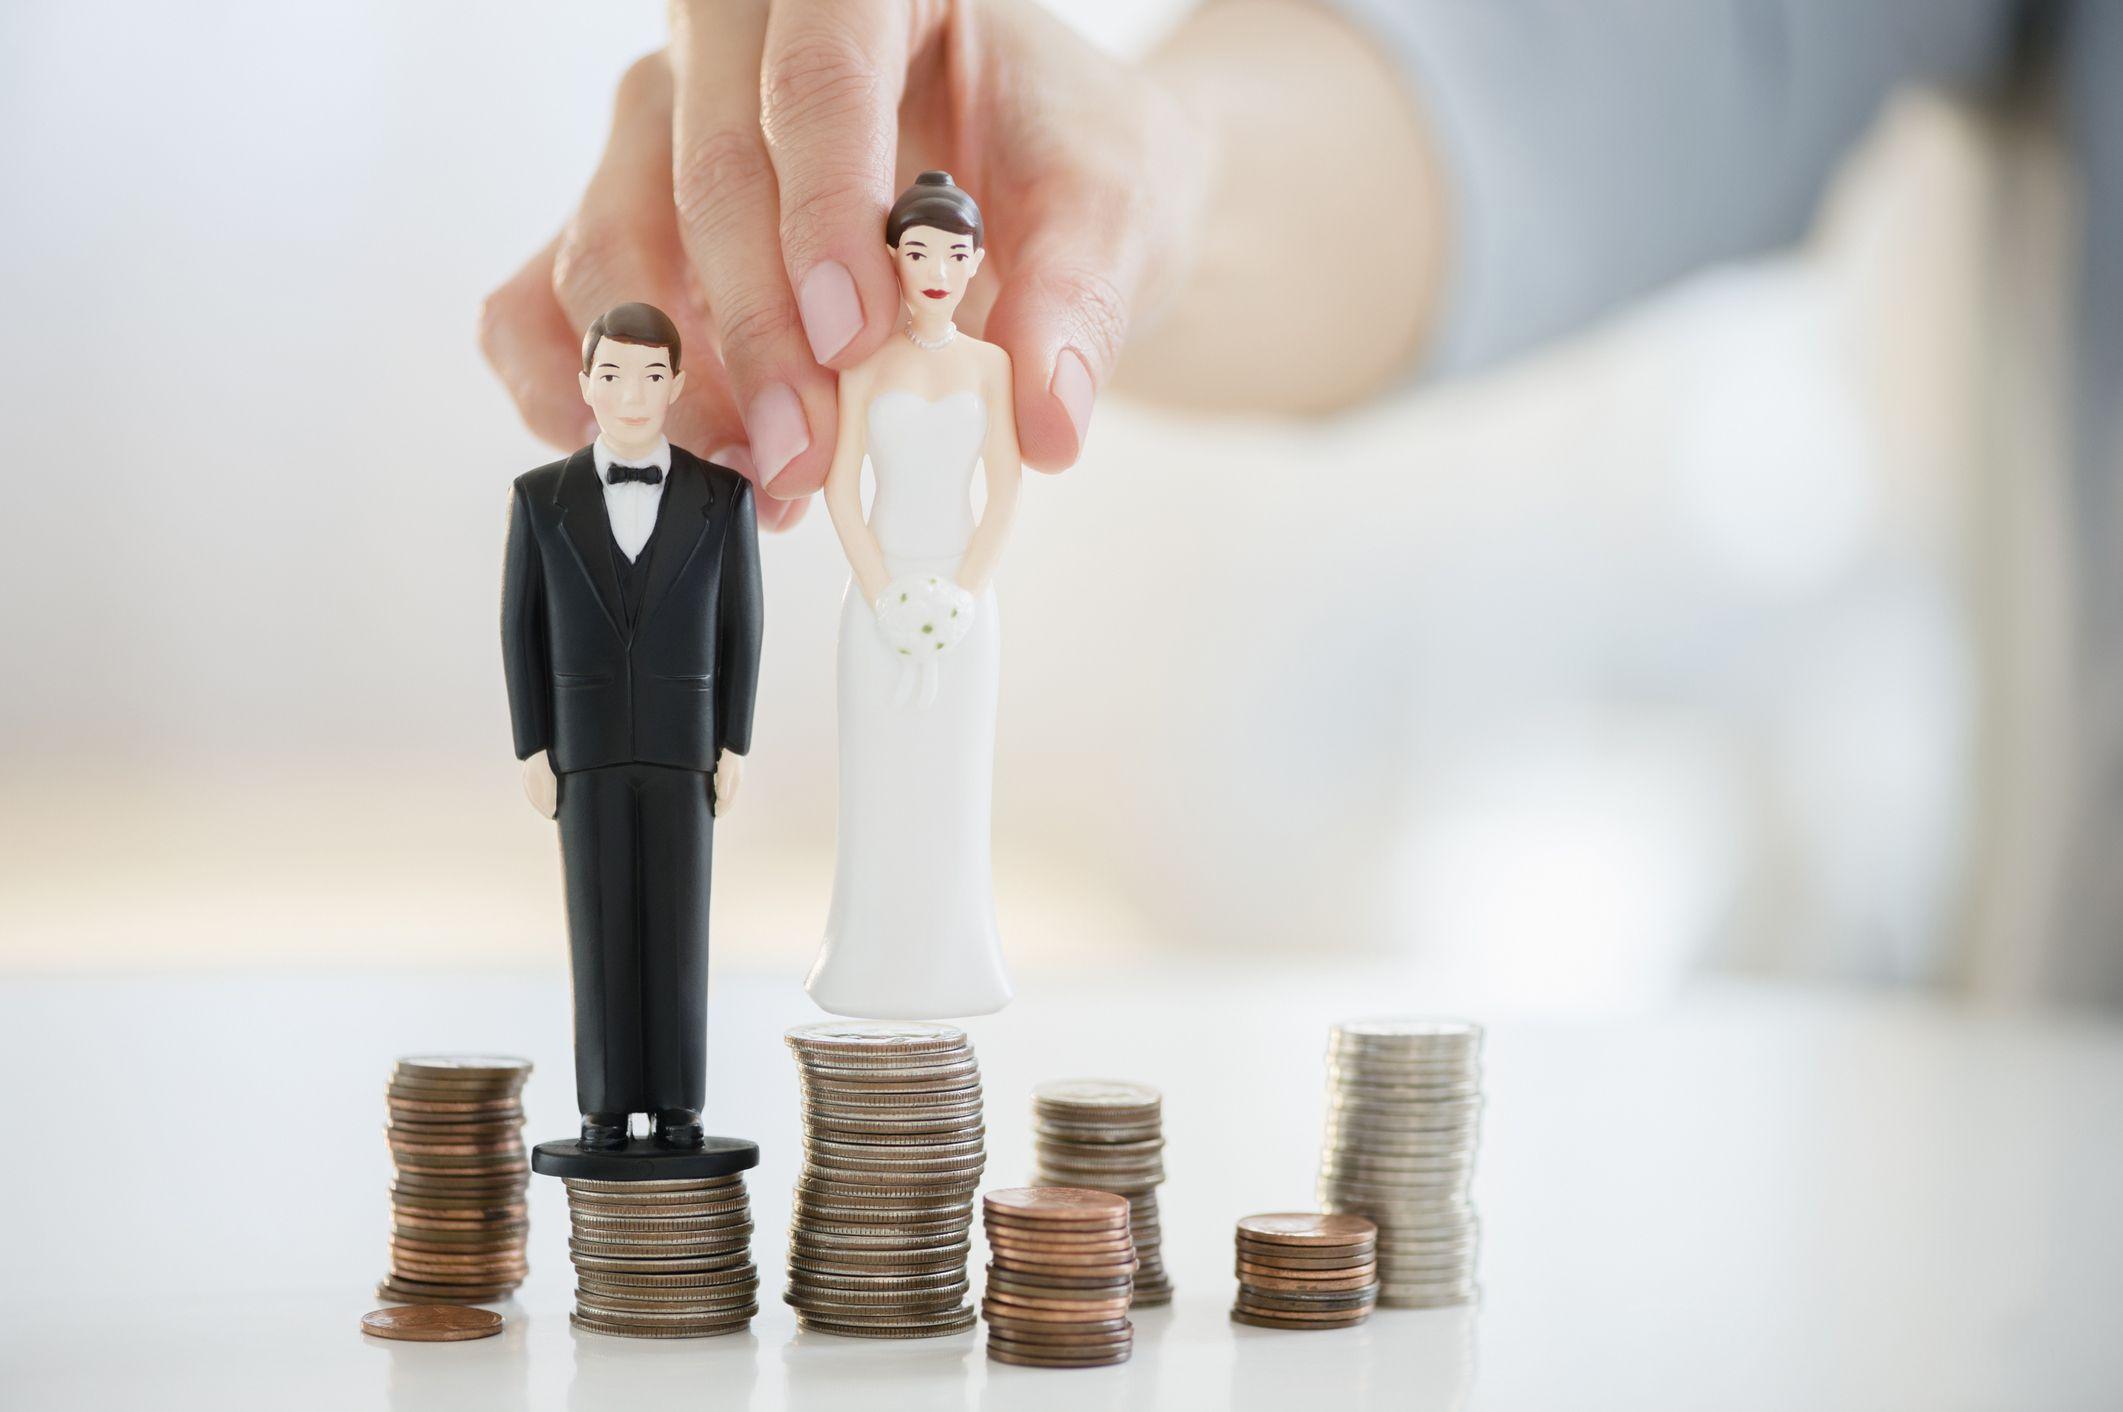 معاوضی بودن عقد ازدواج، ردپایی از دوران بردگی/ محمد مقیمی